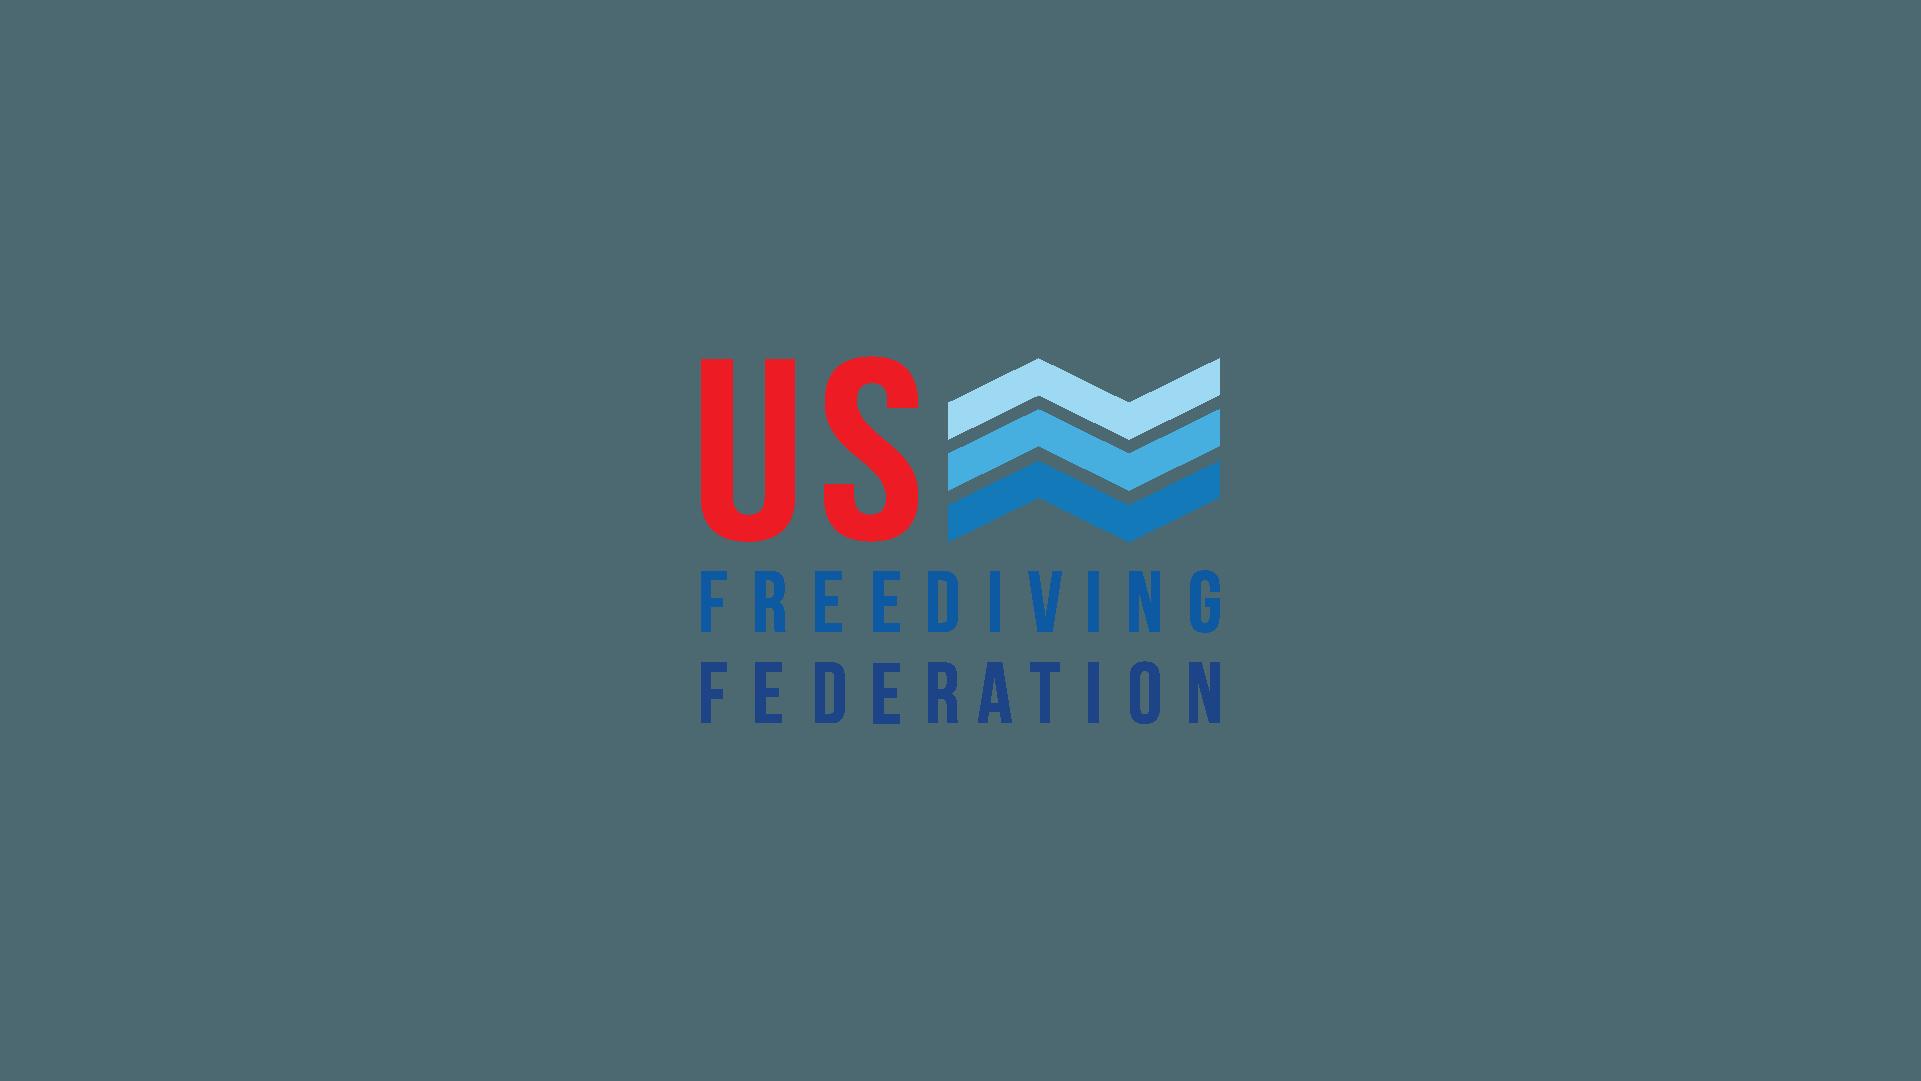 U.S. Freediving Federation Logo